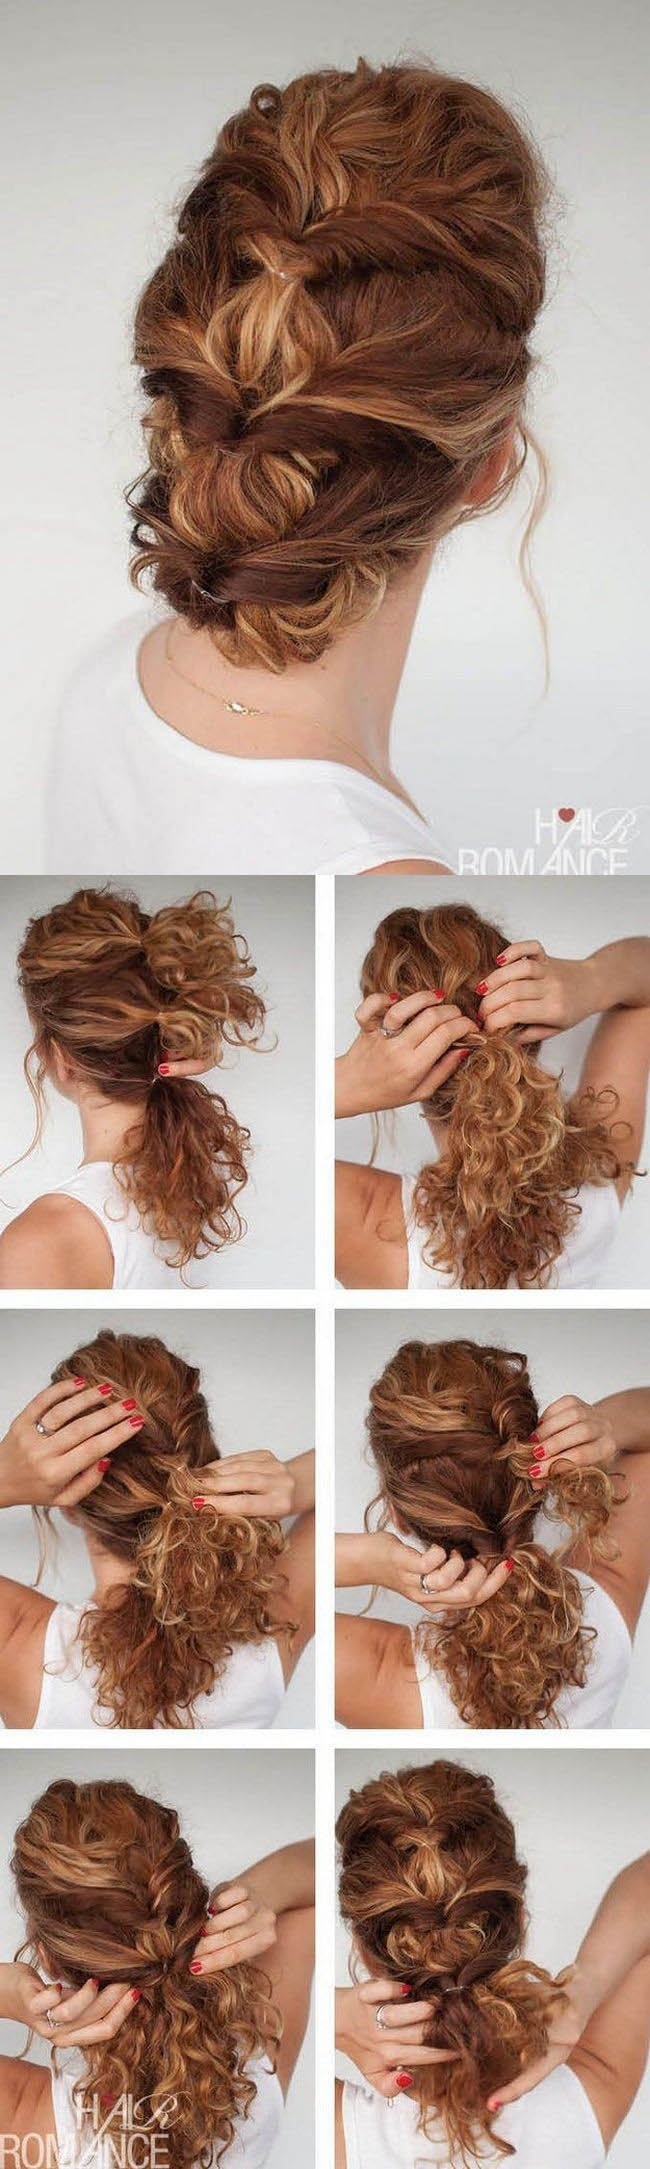 penteados-simples-11